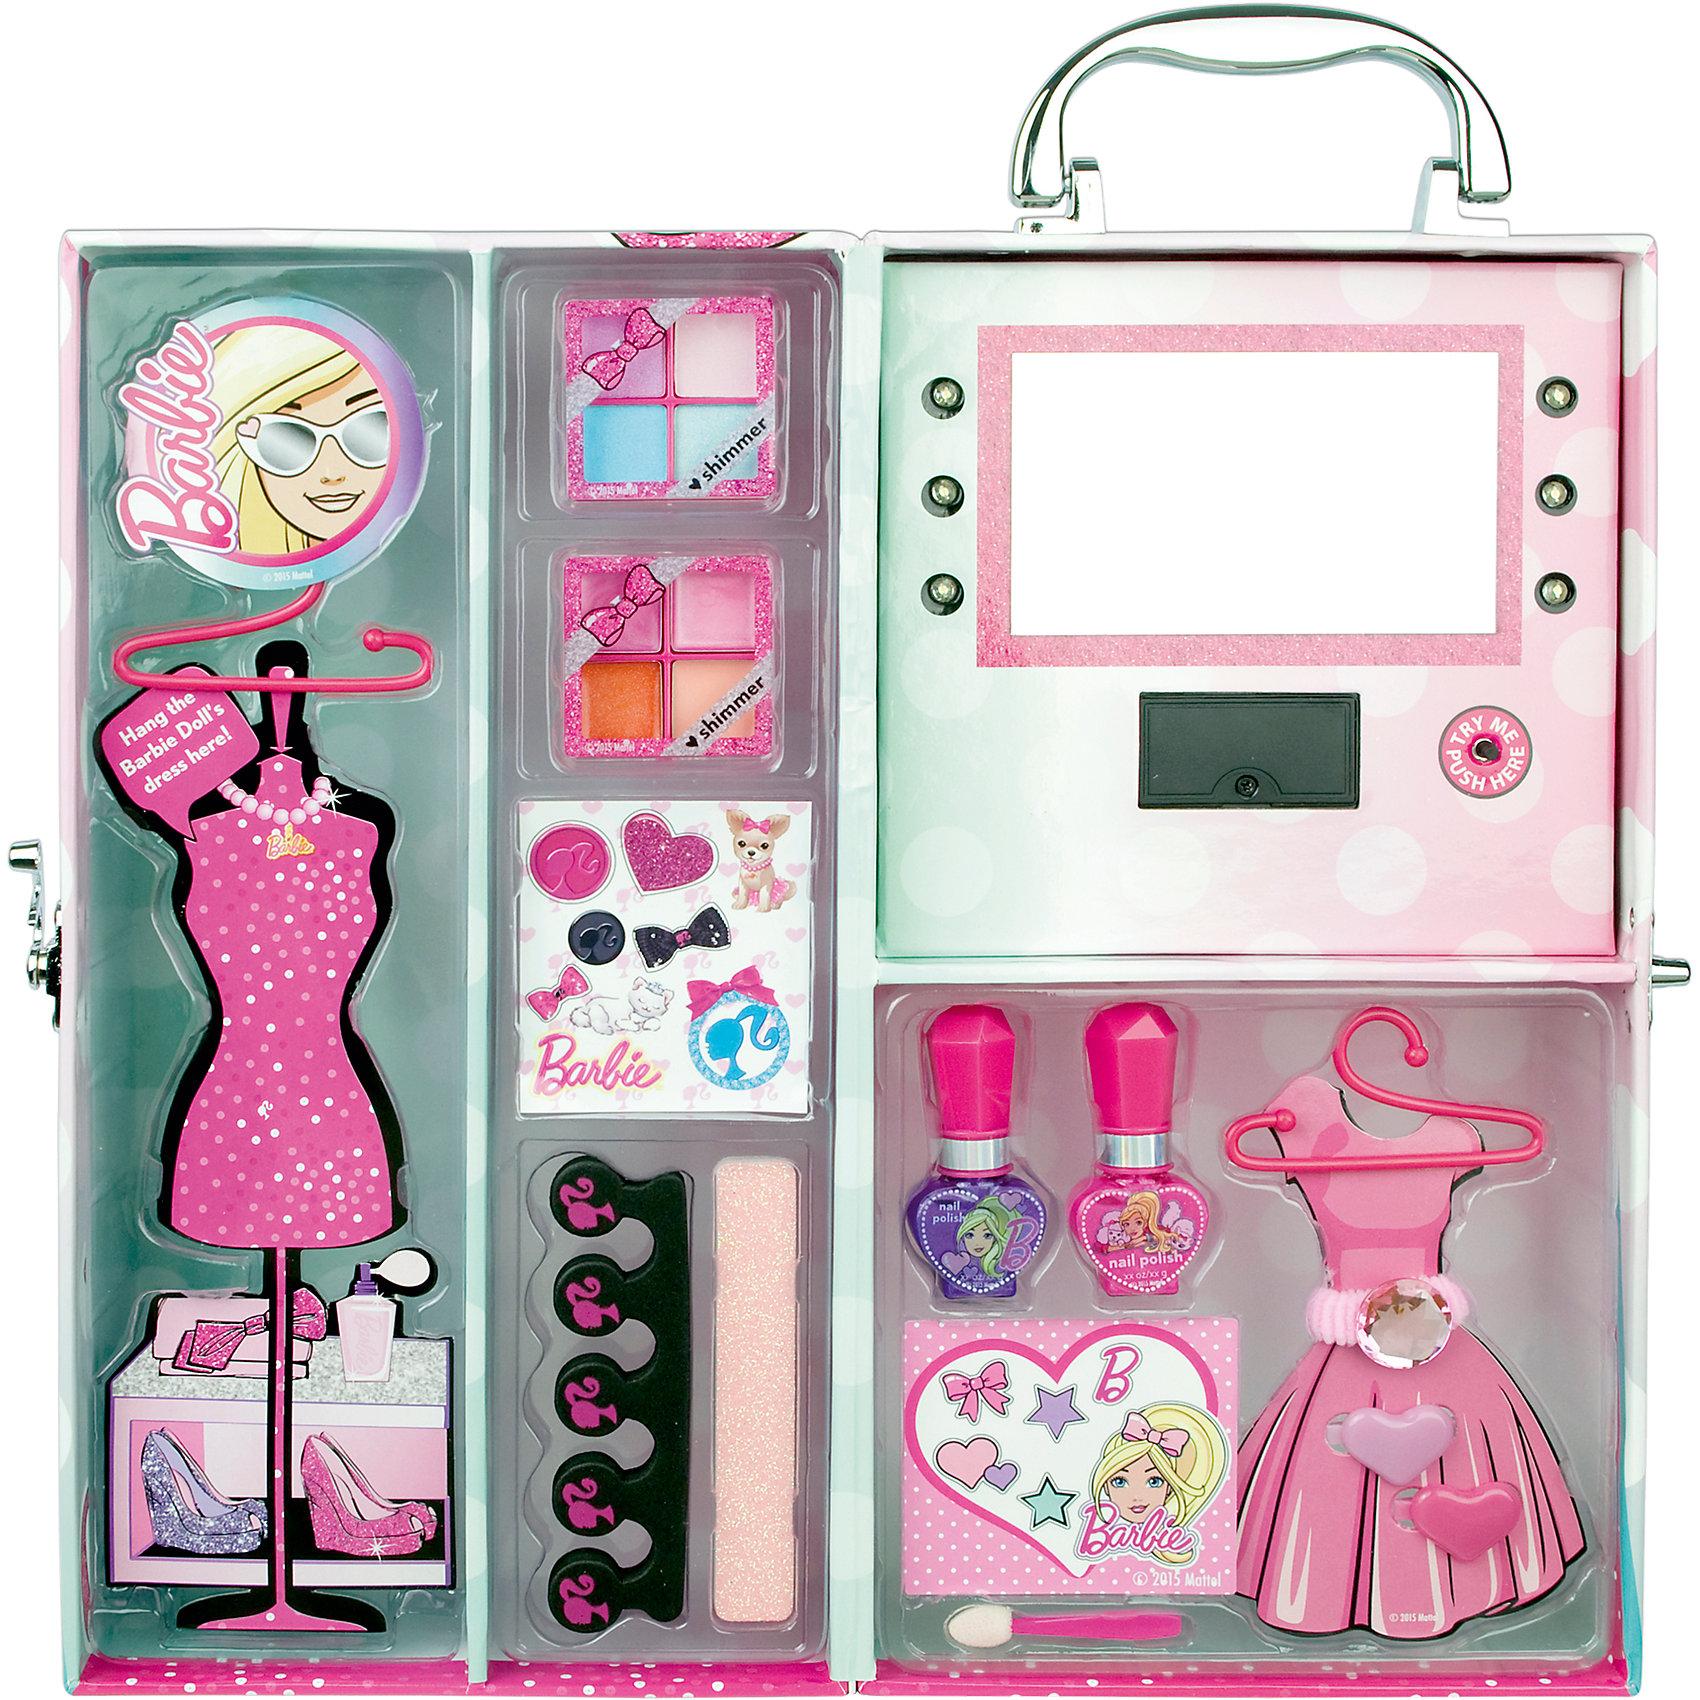 Игровой набор детской декоративной косметики в чемодане с подсветкой, BarbieКосметика, грим и парфюмерия<br>Игровой набор детской декоративной косметики в чемодане с подсветкой, Barbie (Барби)<br><br>Характеристики:<br><br>• косметика безопасна для ребенка<br>• яркая упаковка<br>• содержит все необходимые инструменты<br>• не содержит парабенов и пальмового масла<br>• подходит в качестве подарка<br>• батарейки: CR2032 - 2 шт. (входят в комплект)<br>• в комплекте: тени для век, блеск для губ, лак для ногтей, аппликатор, заколки для волос, резинка, разделитель для пальцев, пилка, вешалки для кукольных платьев, стенд для платьев, зеркало<br>• размер: 15,8х12,8х30 см<br>• вес: 730 грамм<br>• перед первым применением рекомендуется провести тест на аллергию: нанесите немного косметики на кожу на 30-40 минут и проверьте реакцию<br><br>Набор декоративной косметики Барби создан для девочек, мечтающих почувствовать себя настоящими стилистами. Смотря в зеркальце, девочка сможет создать себе неповторимый макияж. Вся косметика представлена в нескольких цветовых оттенках, что поможет девочке проявить фантазию для создания яркого образа. Лак для ногтей на водной основе подойдет не только для маникюра, но и для педикюра. Для его создания потребуется разделитель для пальцев, который тоже входит в комплект. Различные аксессуары приятно дополнят готовый образ. Косметика изготовлена по щадящей формуле и полностью безопасна. Удобная упаковка позволяет брать всю косметику с собой в гости к подружкам!<br><br>Игровой набор детской декоративной косметики в чемодане с подсветкой, Barbie вы можете купить в нашем интернет-магазине.<br><br>Ширина мм: 321<br>Глубина мм: 162<br>Высота мм: 137<br>Вес г: 728<br>Возраст от месяцев: 48<br>Возраст до месяцев: 84<br>Пол: Женский<br>Возраст: Детский<br>SKU: 4900294